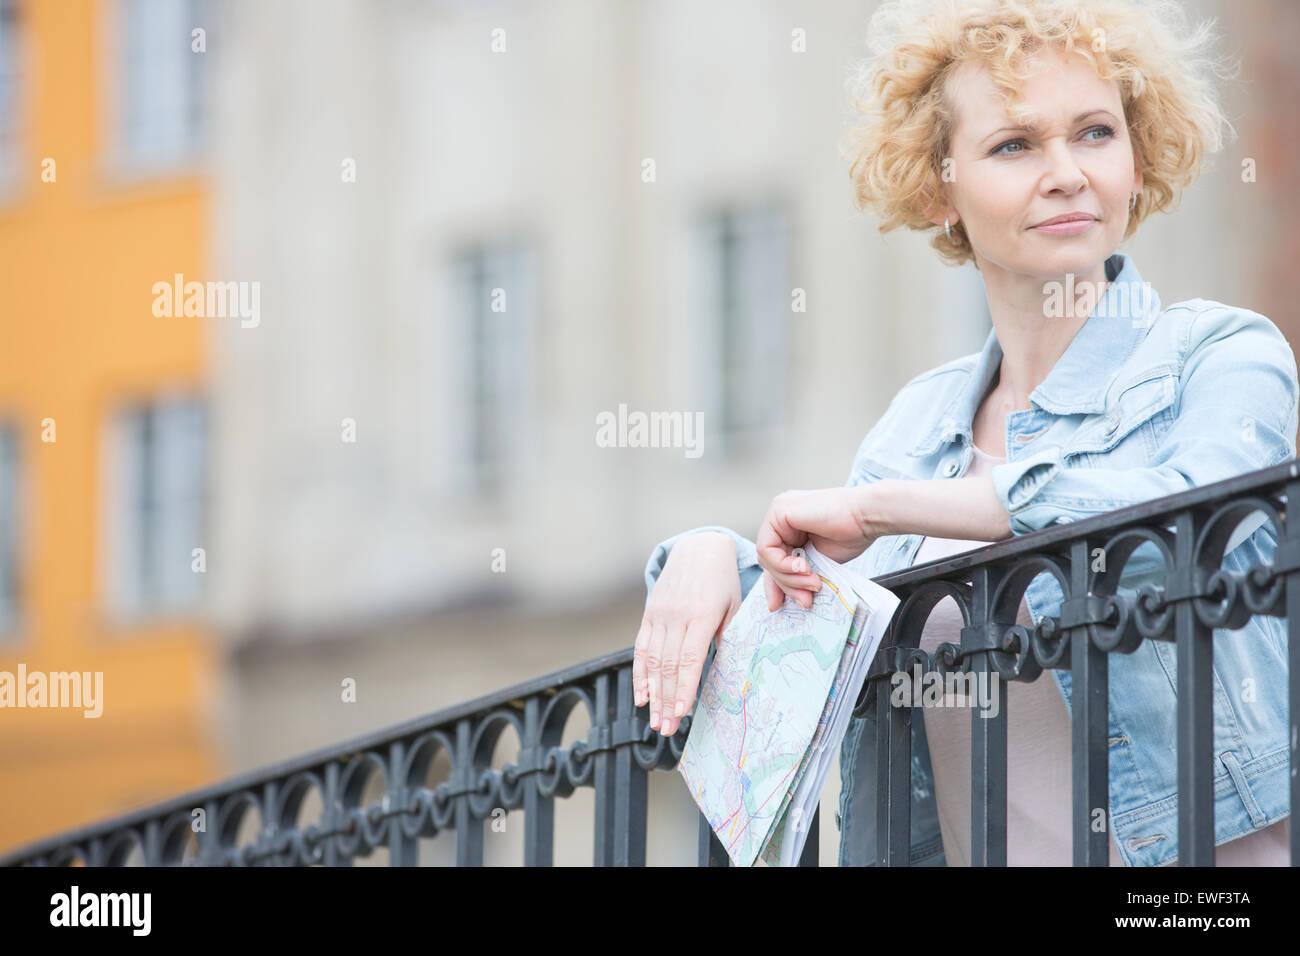 Pensativo mujer de mediana edad celebración mapa mientras recostado en la baranda Imagen De Stock